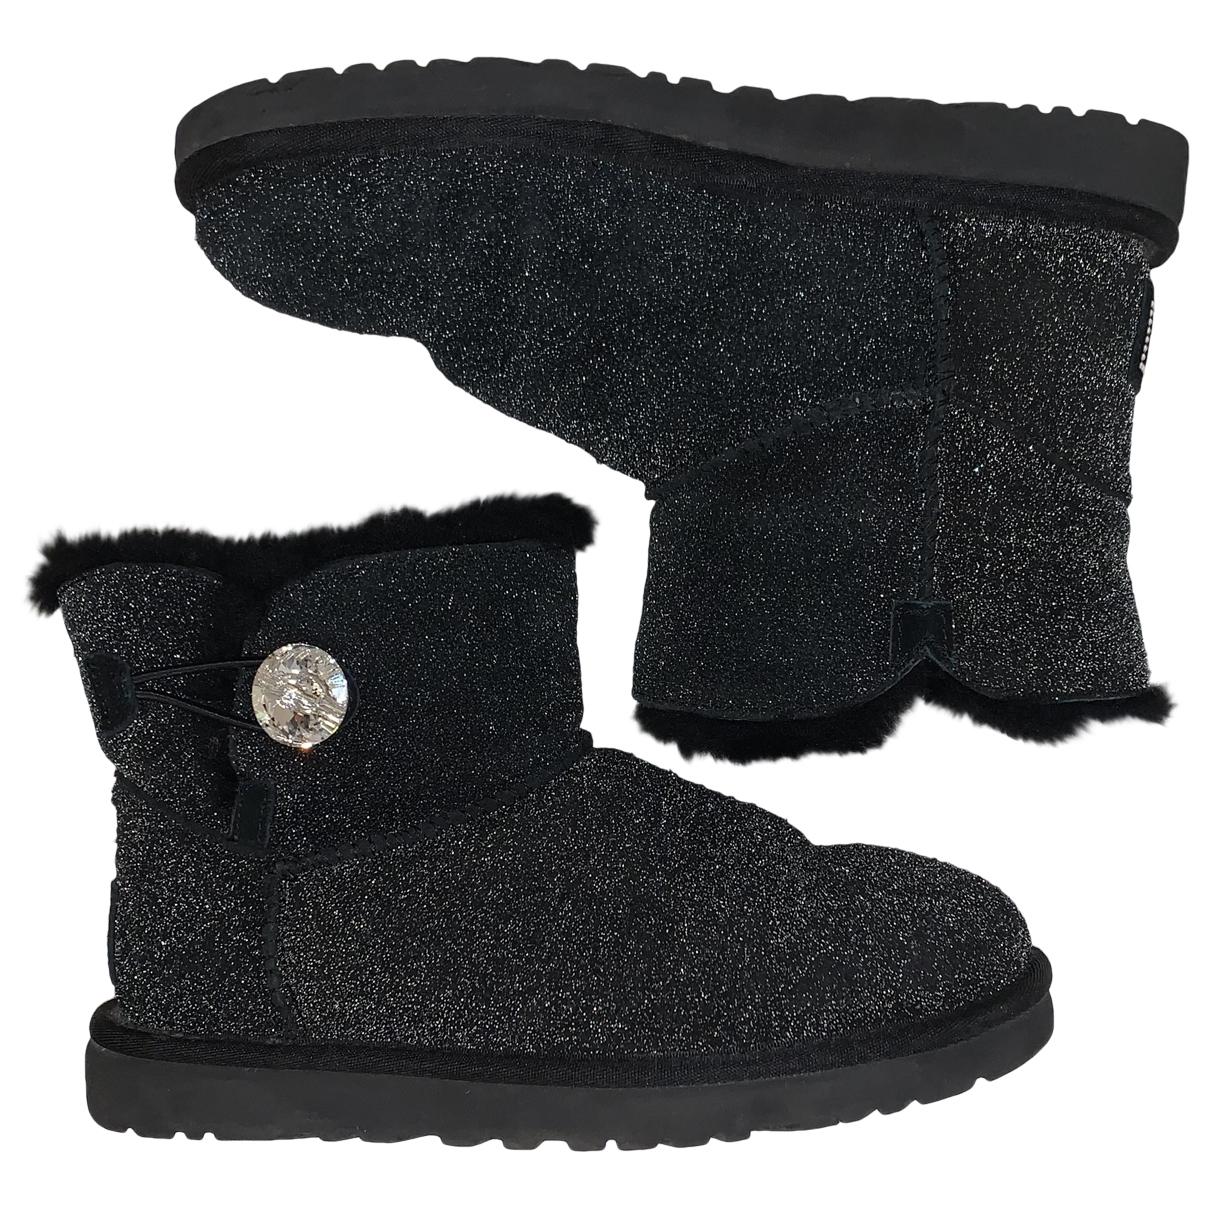 Ugg - Boots   pour femme en fourrure - noir